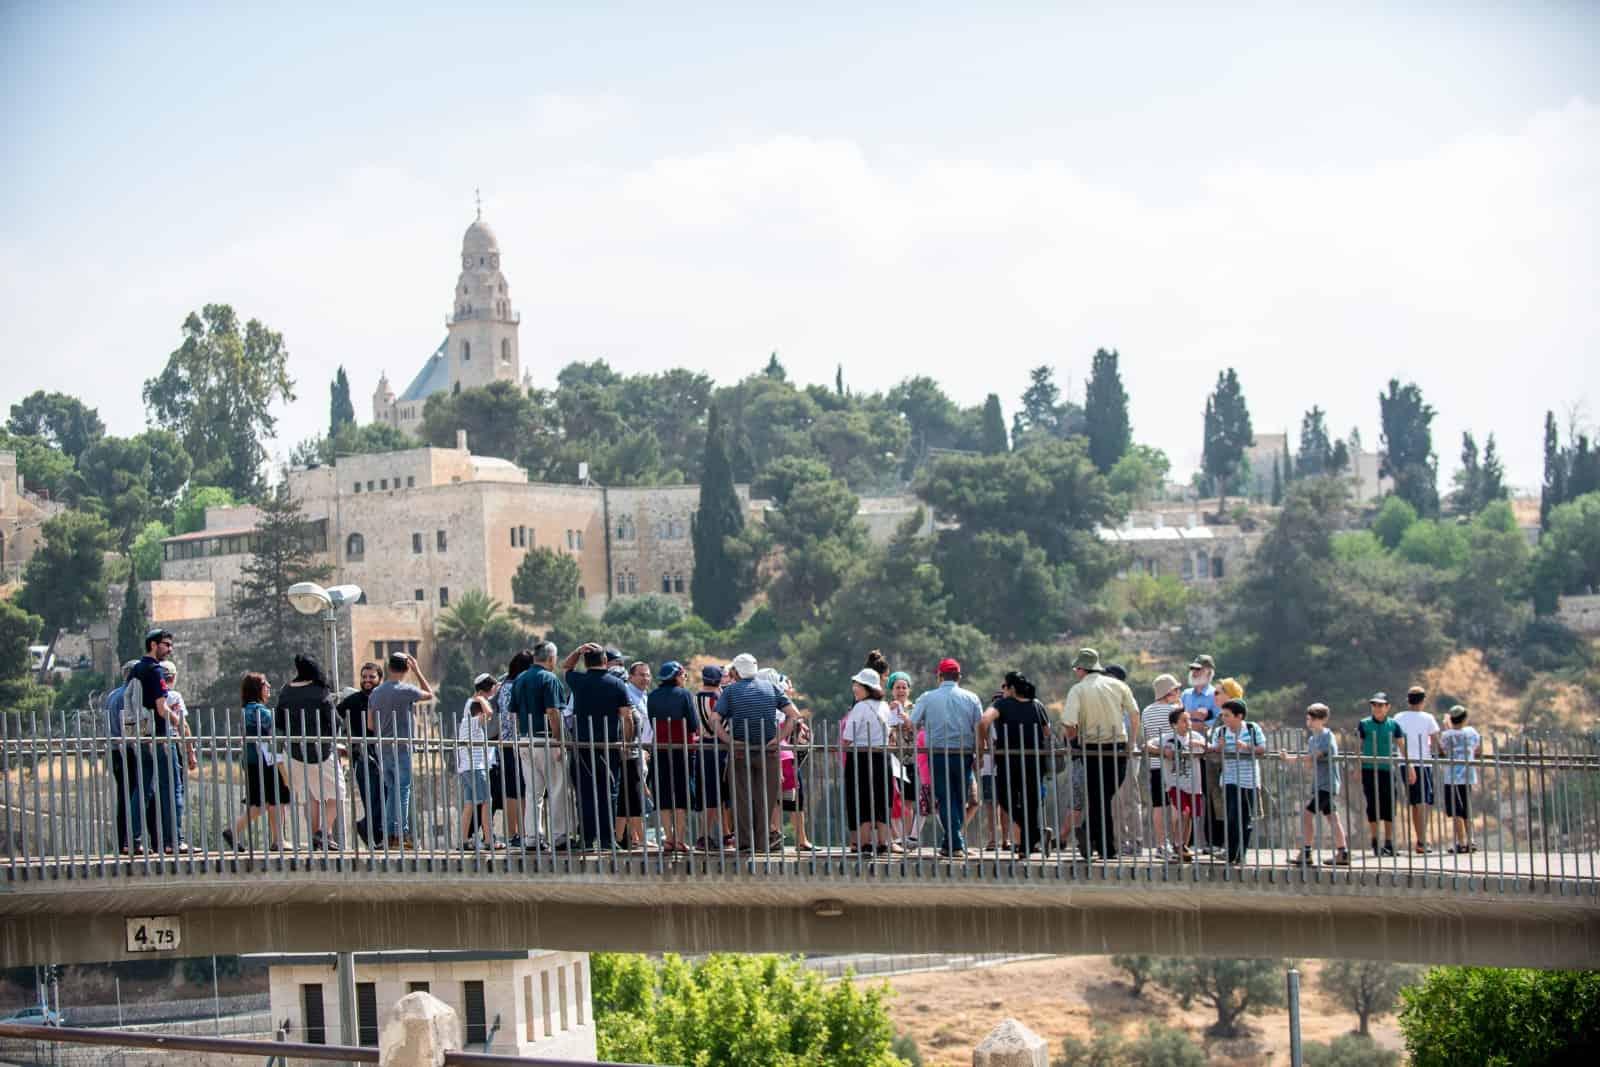 חנוכה בירושלים – המלצות לבילוי עם כל המשפחה